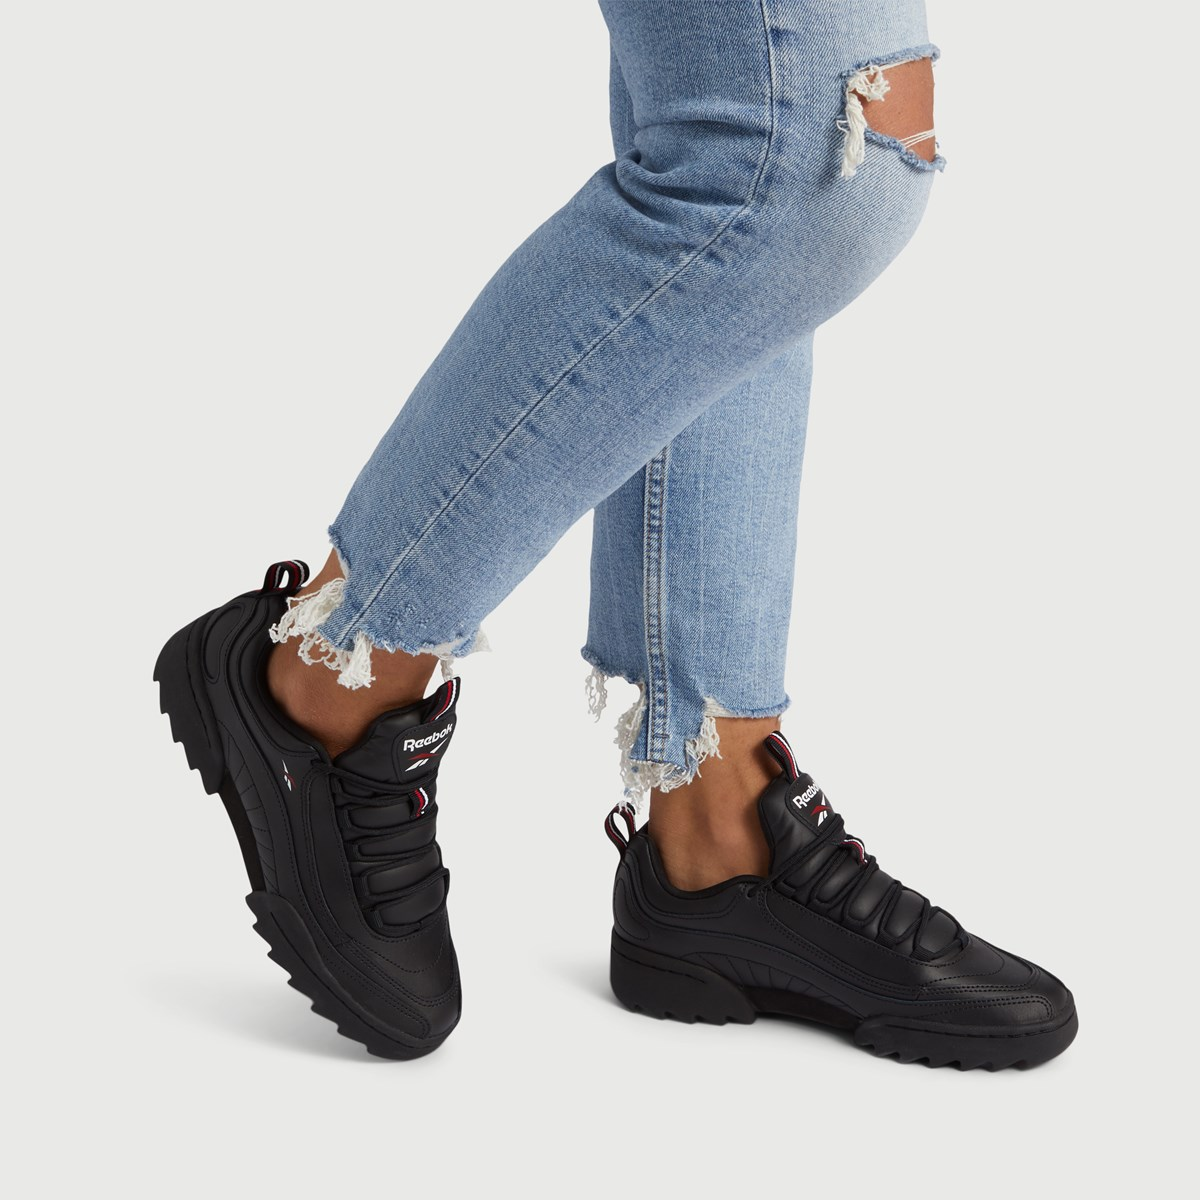 d4c1d77f6e6 Women s Rivyx Ripple Sneakers in Black